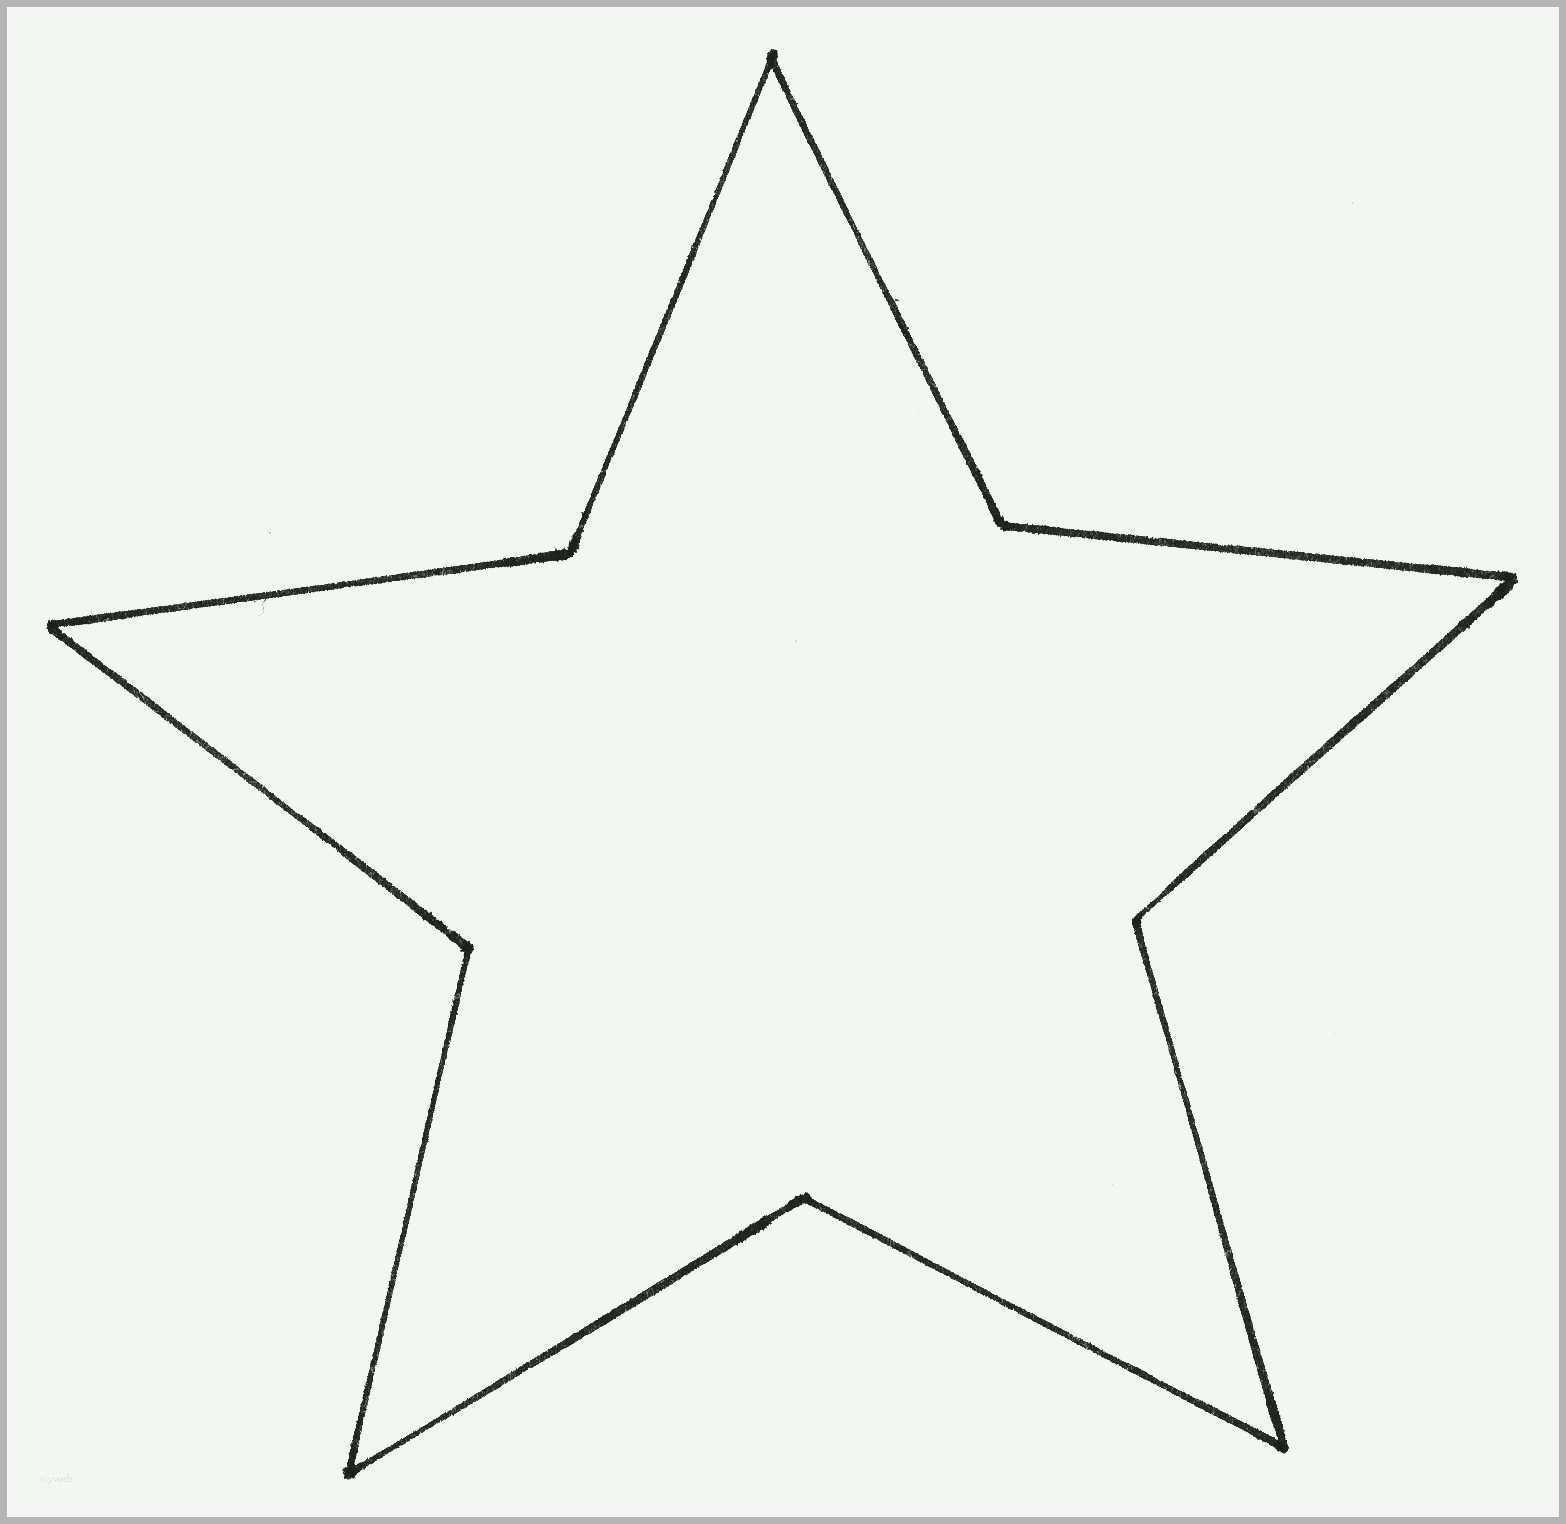 großartig stern 5 zacken vorlage cool vorlagen kostenlos